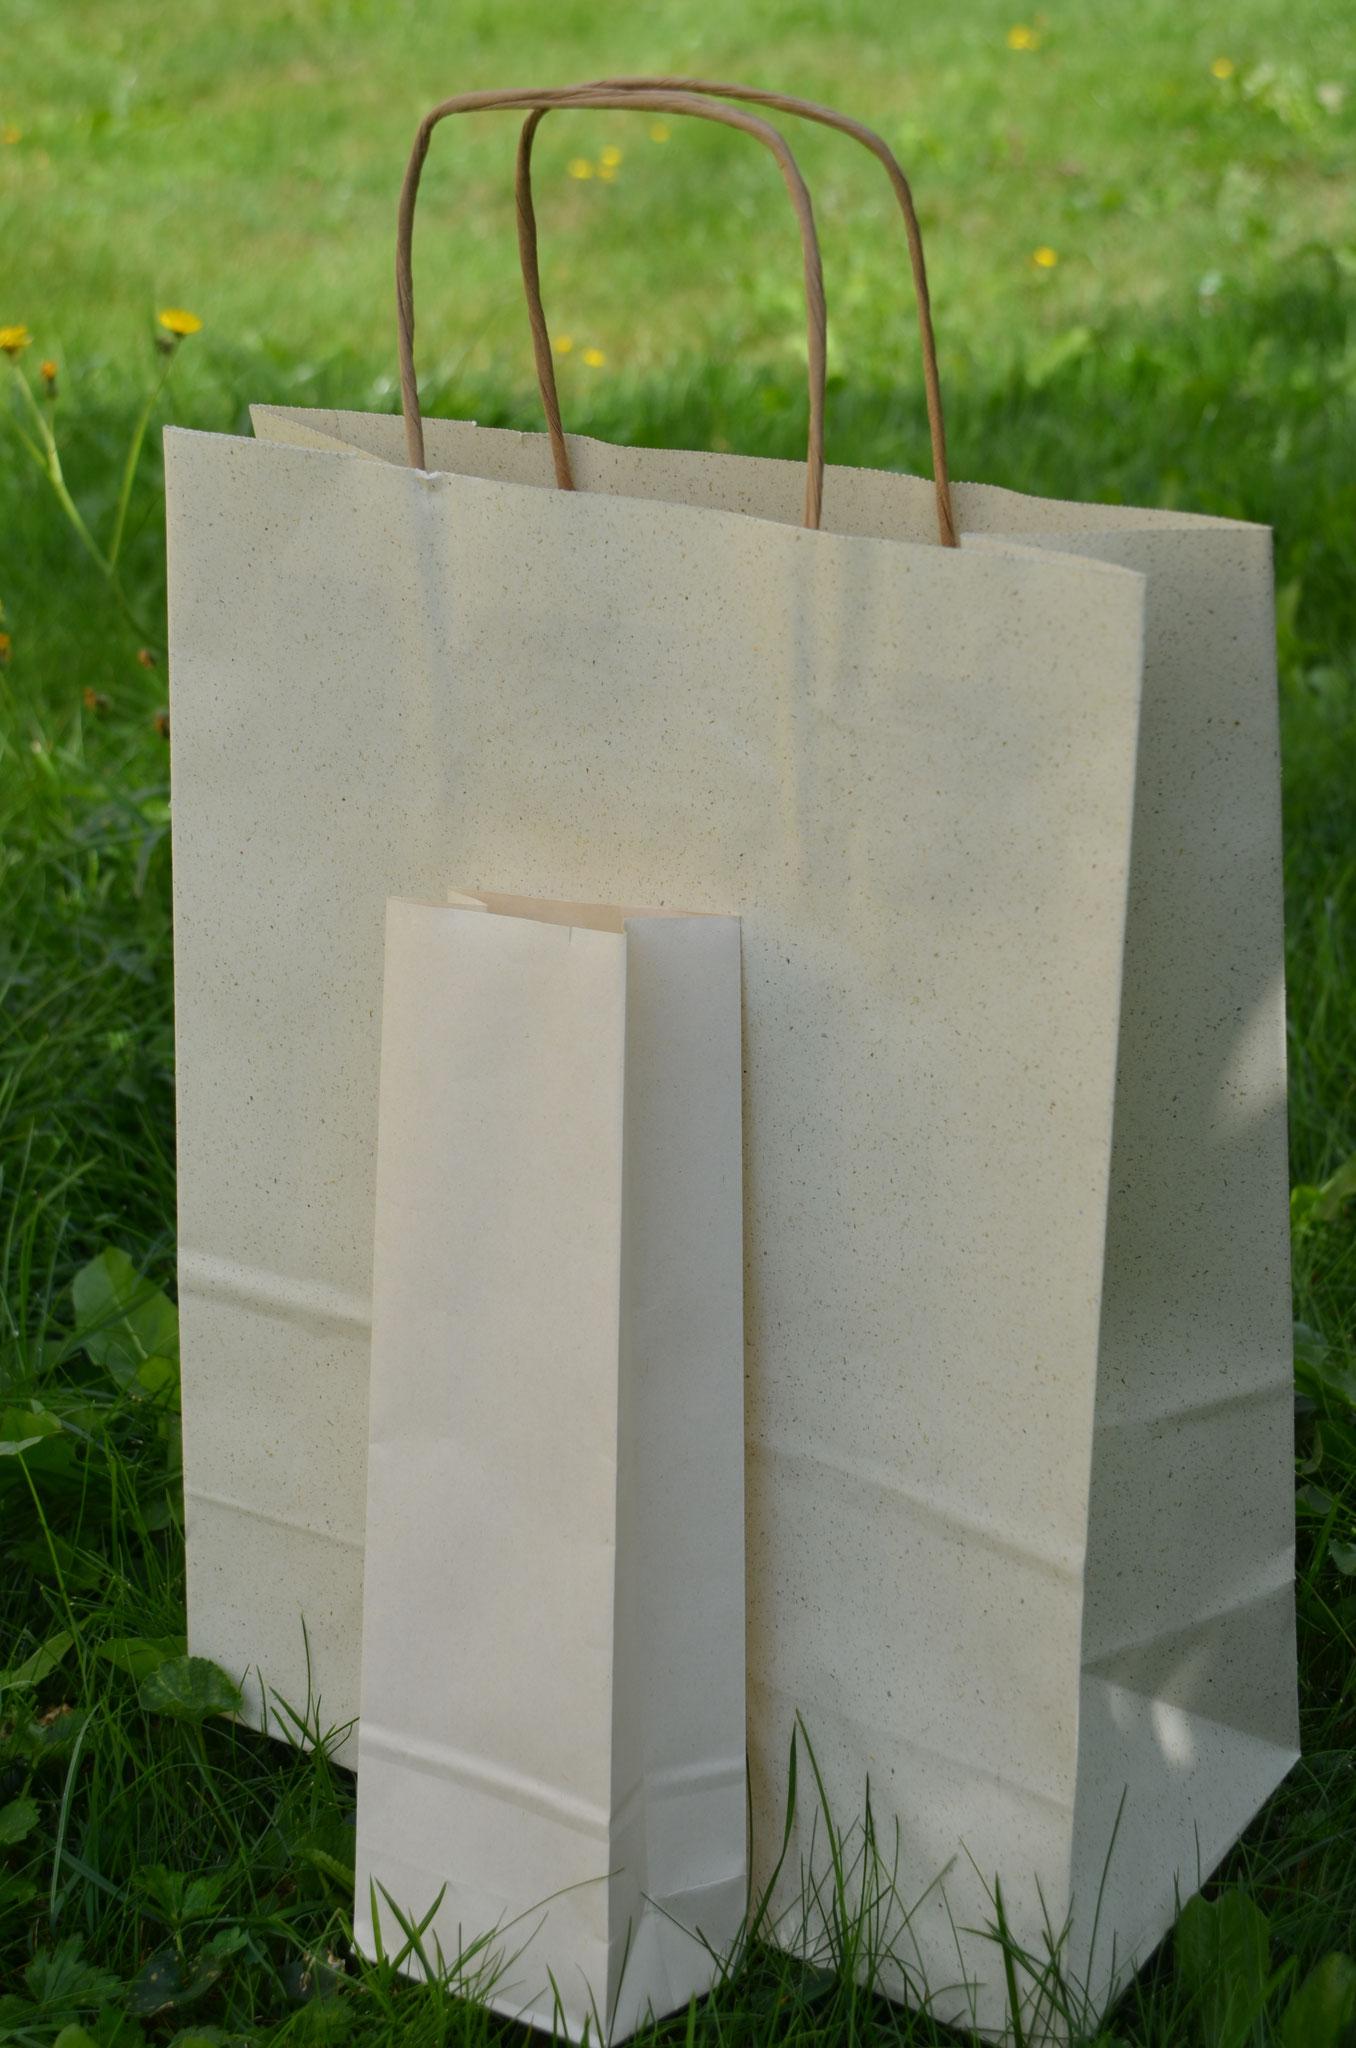 """Unsere plastikfreien, nachhaltigen und """"baumfreien"""" Tüten"""